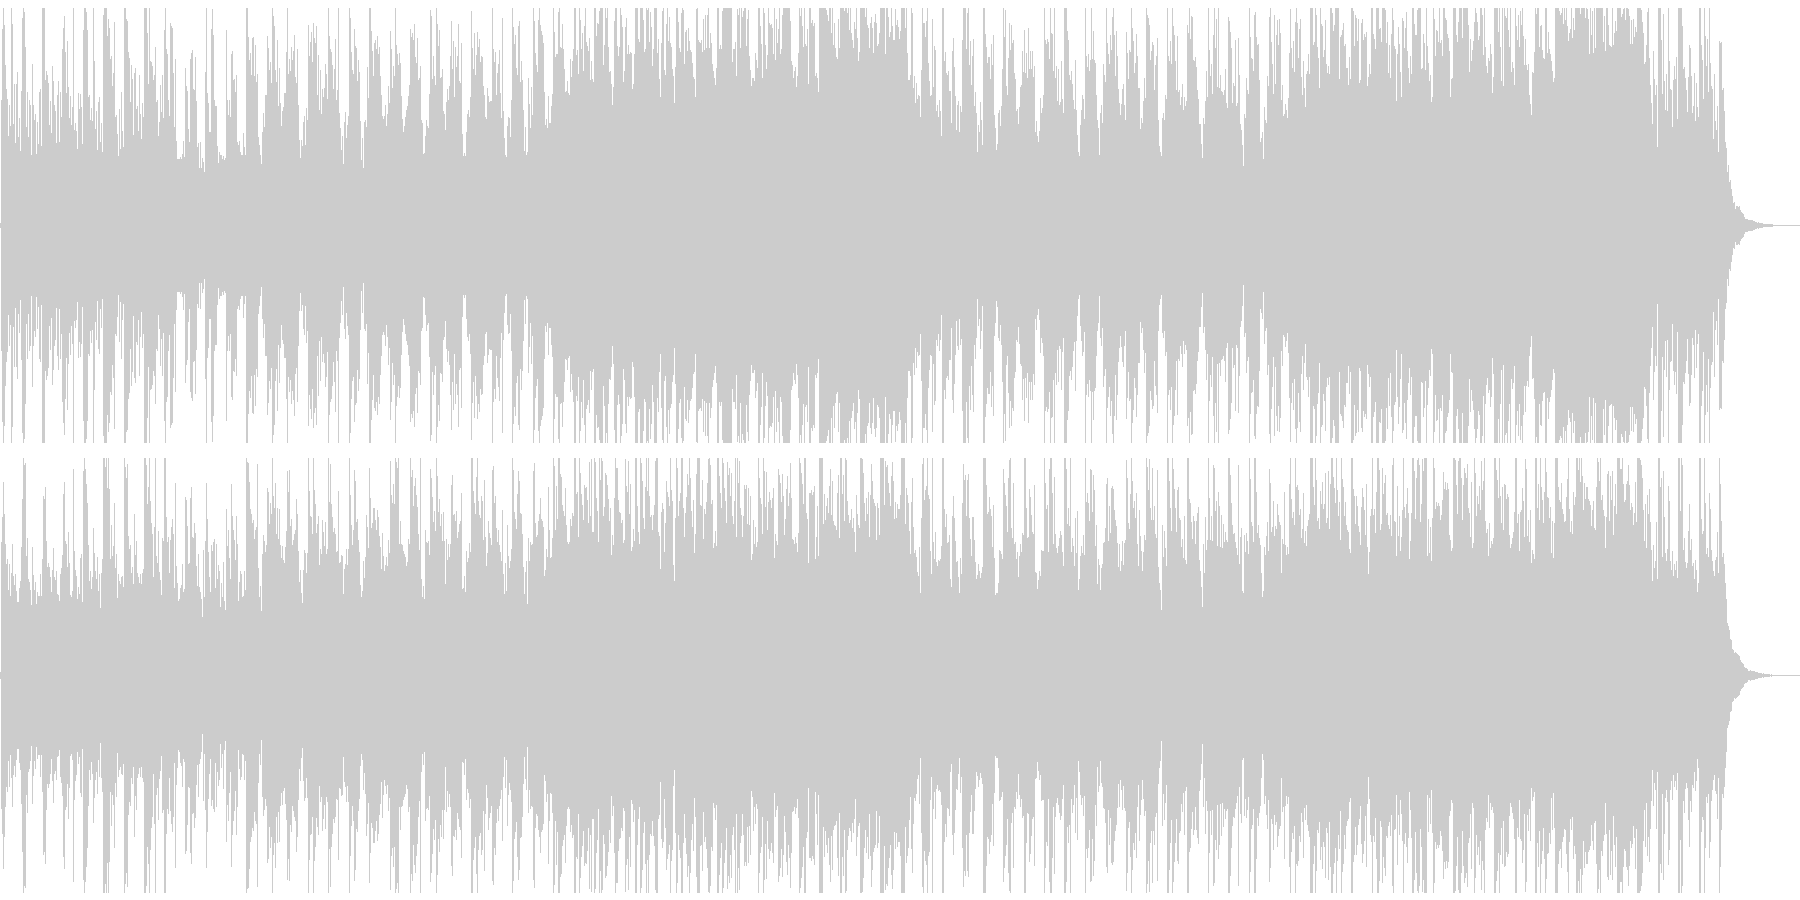 和風で幻想的で壮大な雅楽も使った曲の未再生の波形